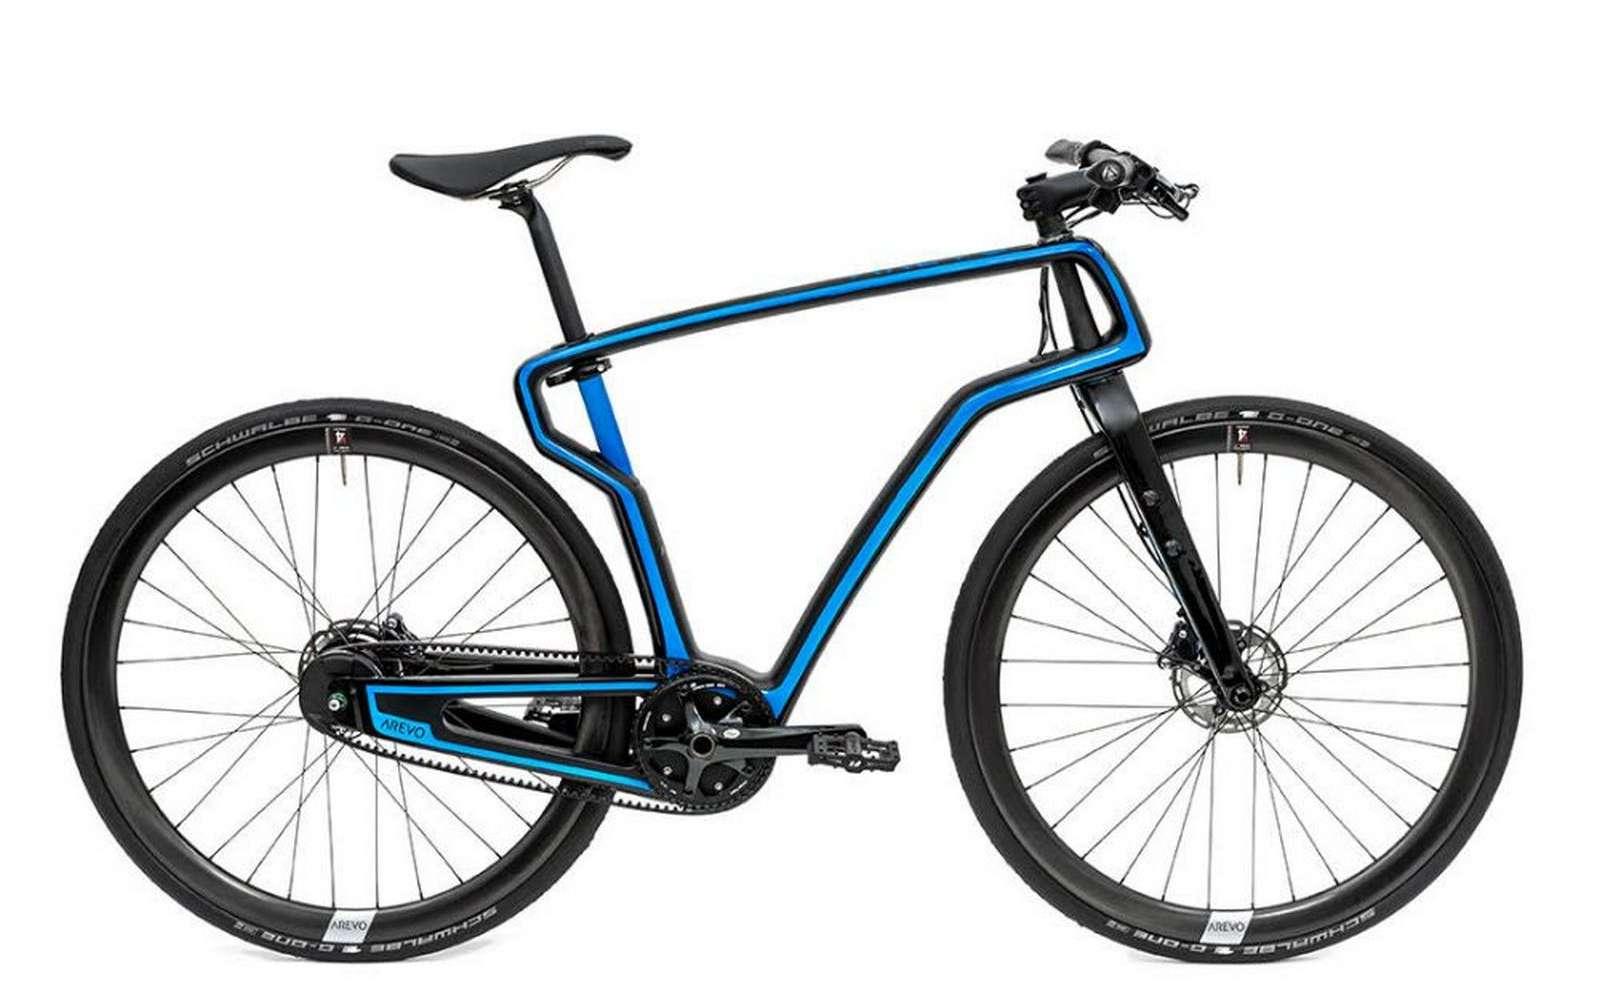 Le prototype de vélo en carbone fabriqué par impression 3D par Arevo. © Arevo